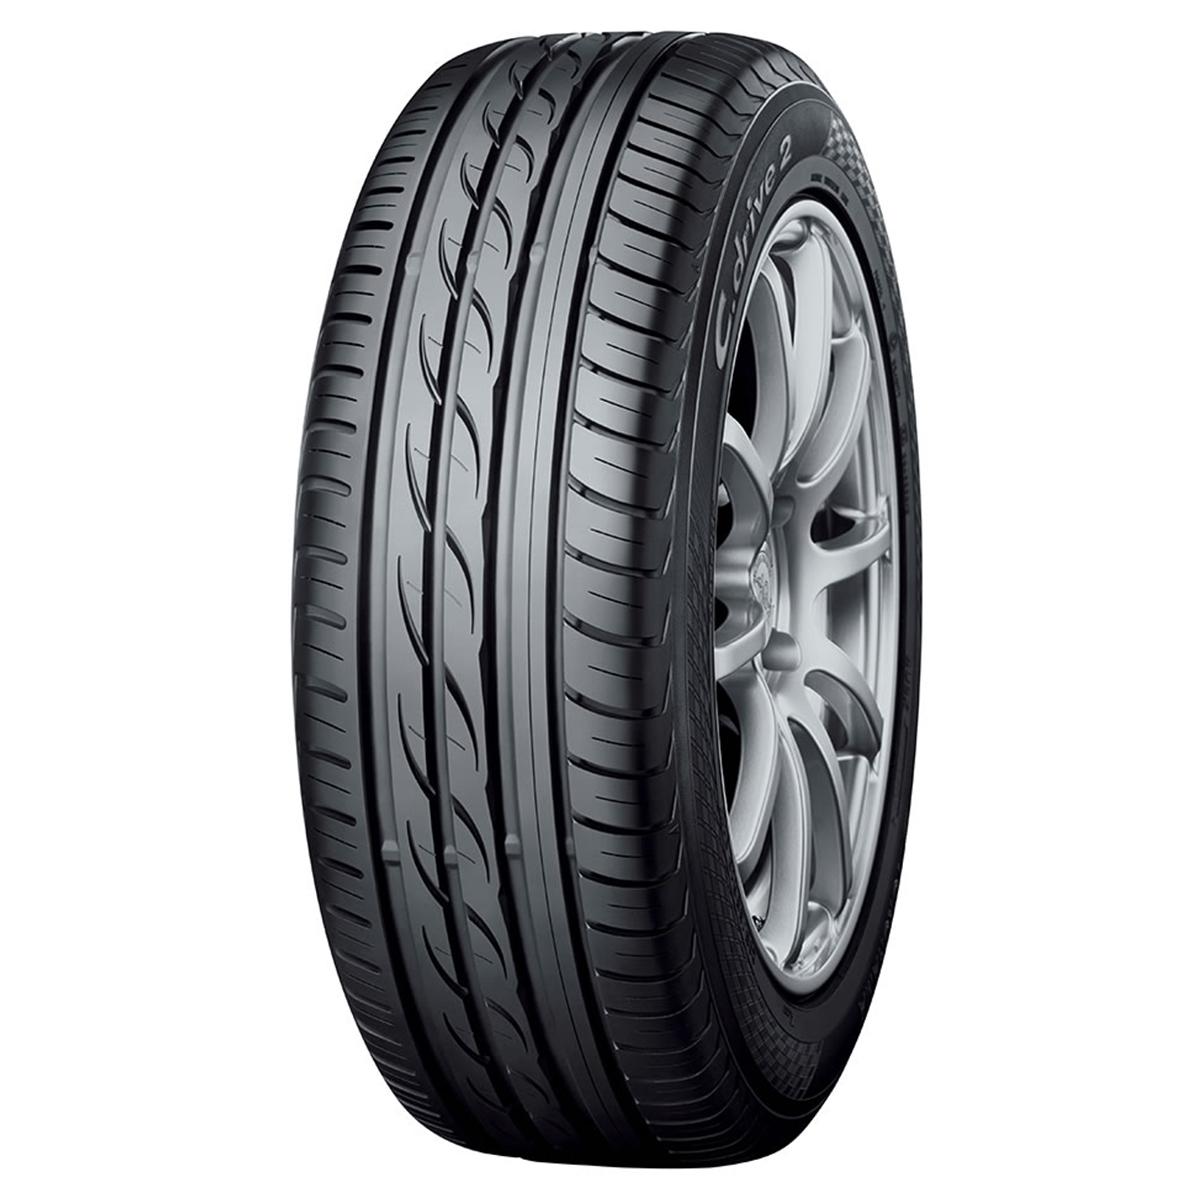 Yokohama C.Drive2 AC02 205/55 R 16 Tubeless 91 V Car Tyre